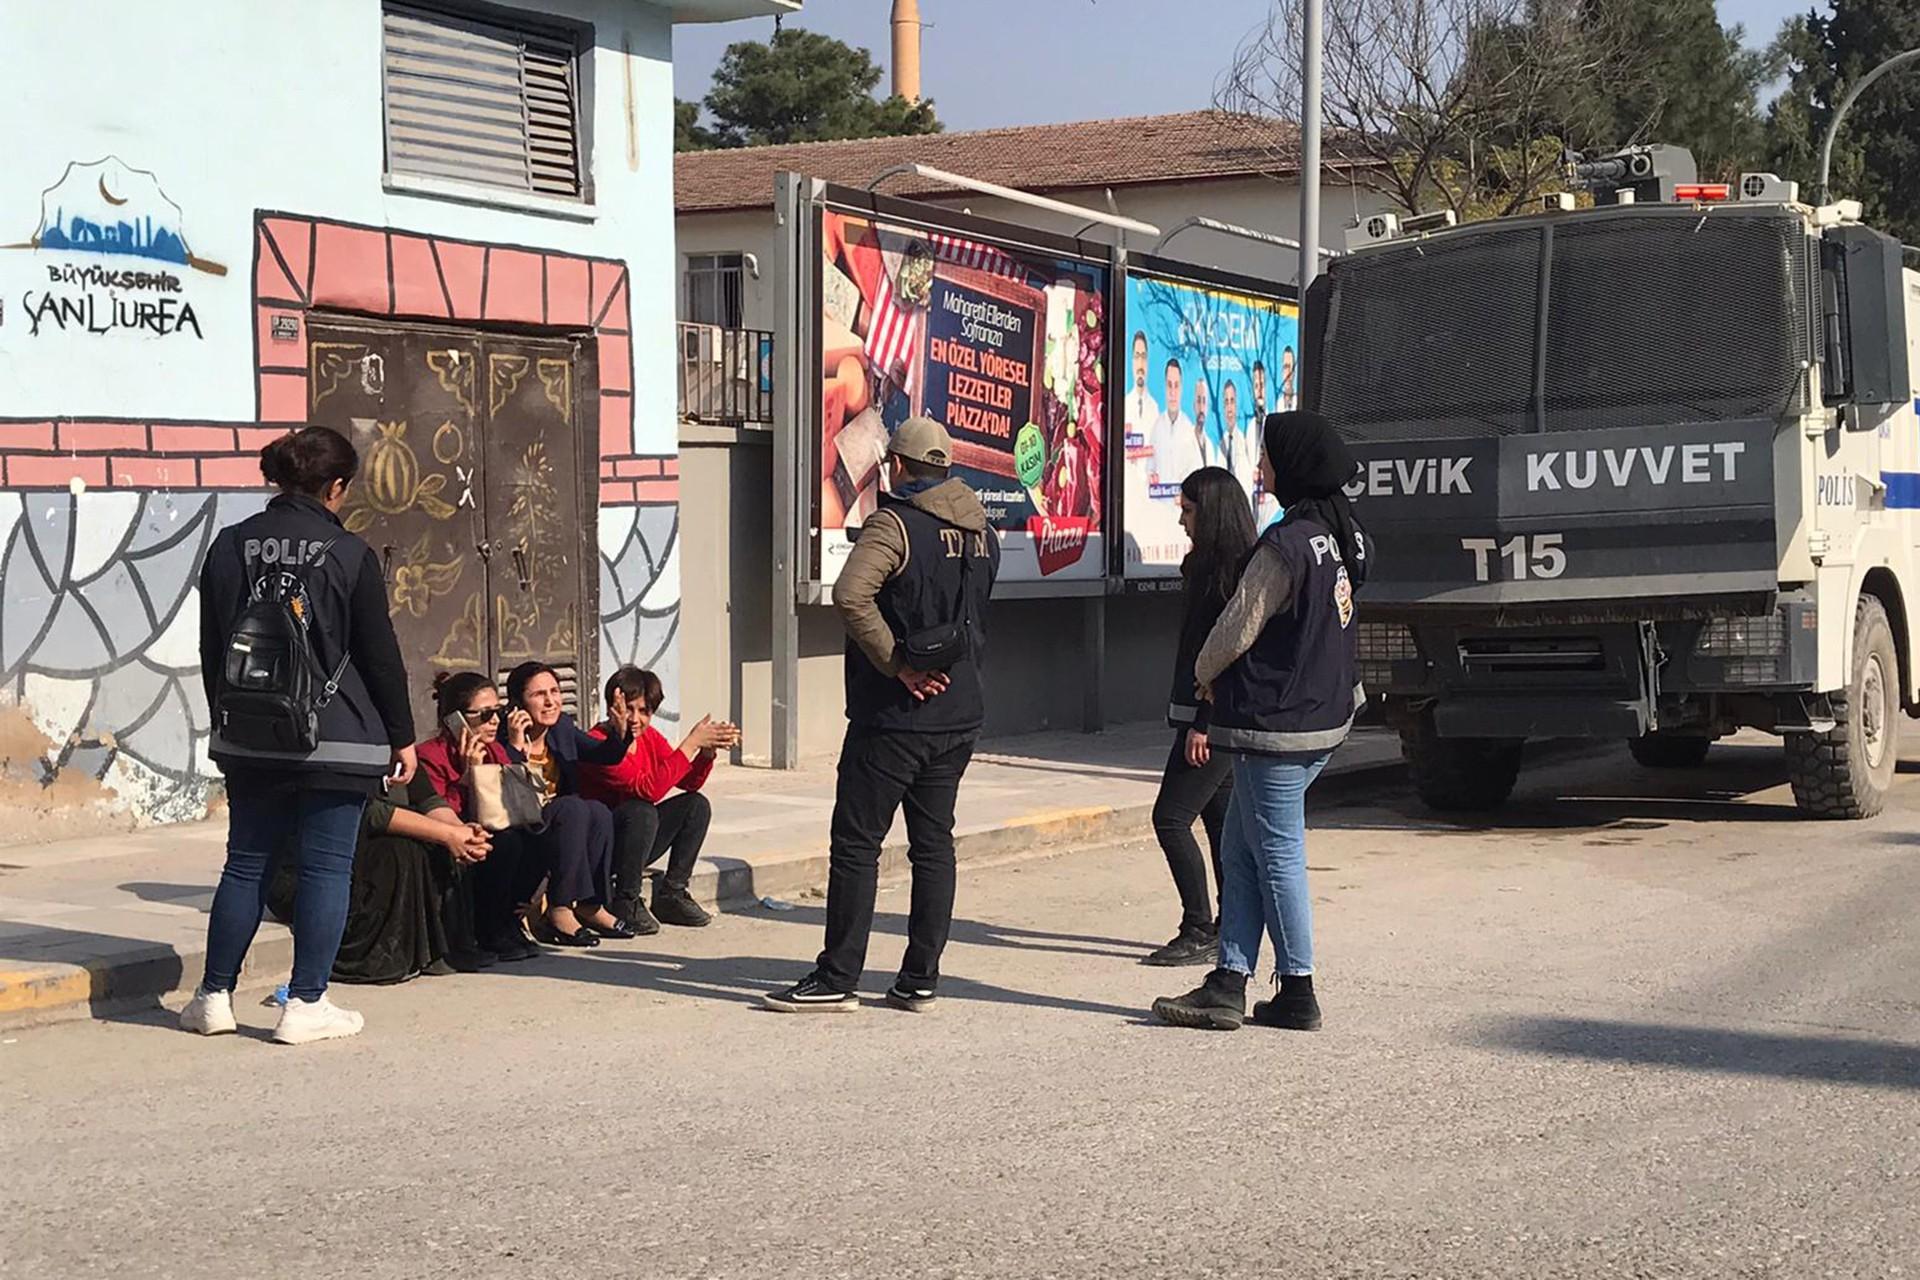 HDP'li Ayşe Sürücü ve beraberindeki partililer polis ablukasında Suruç Belediyesi karşısında oturma eylemi yapıyor